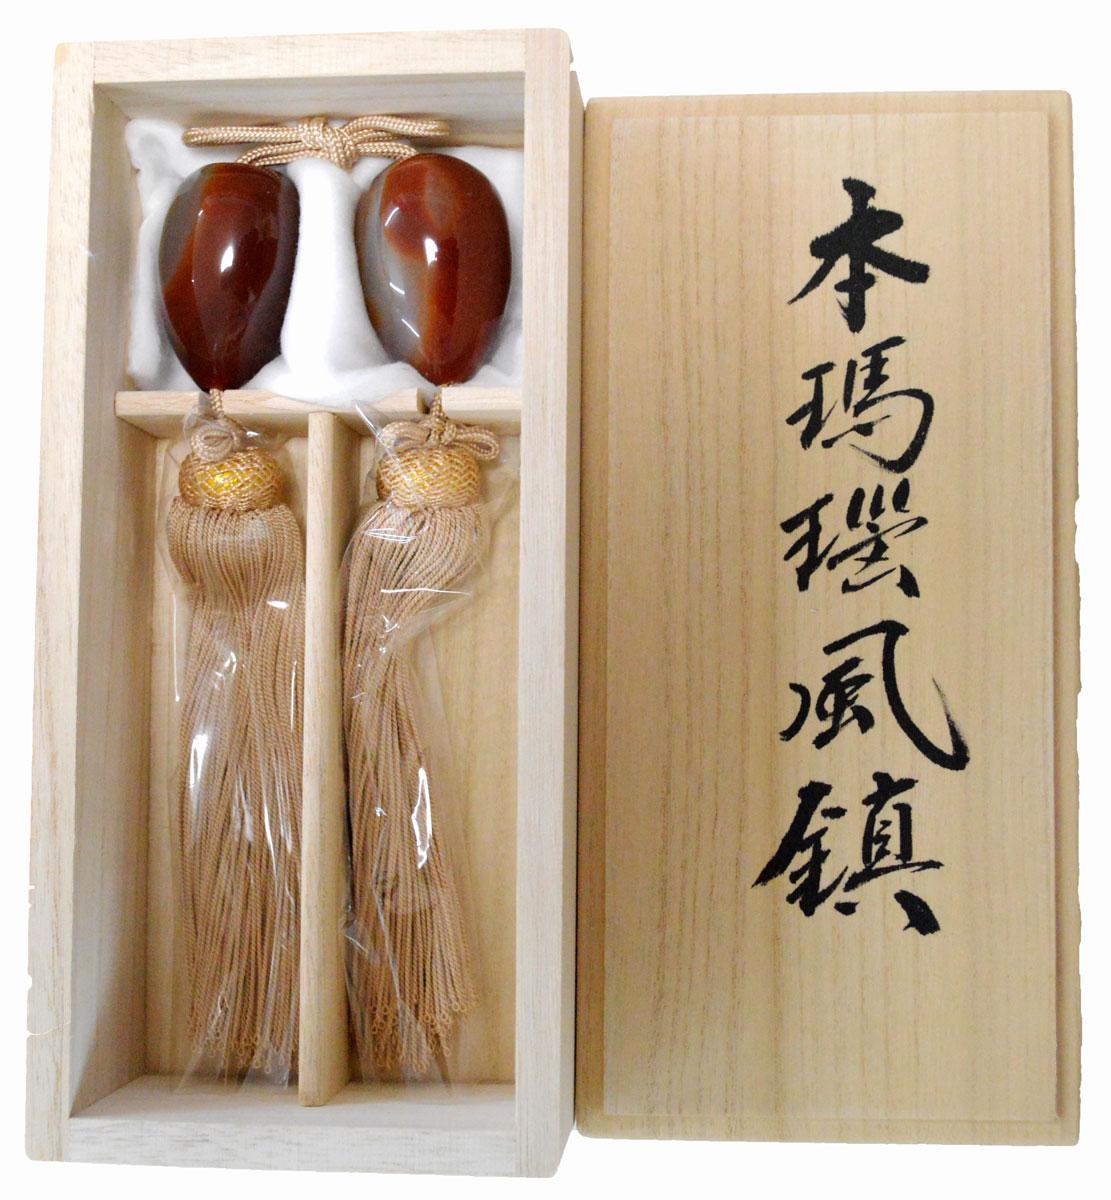 【送料無料】風鎮 瑪瑙(メノウ)風鎮 茶 玉子型高級桐箱人絹房 ベージュ※天然石の為、1点ごとに違い色目の指定は出来ません。